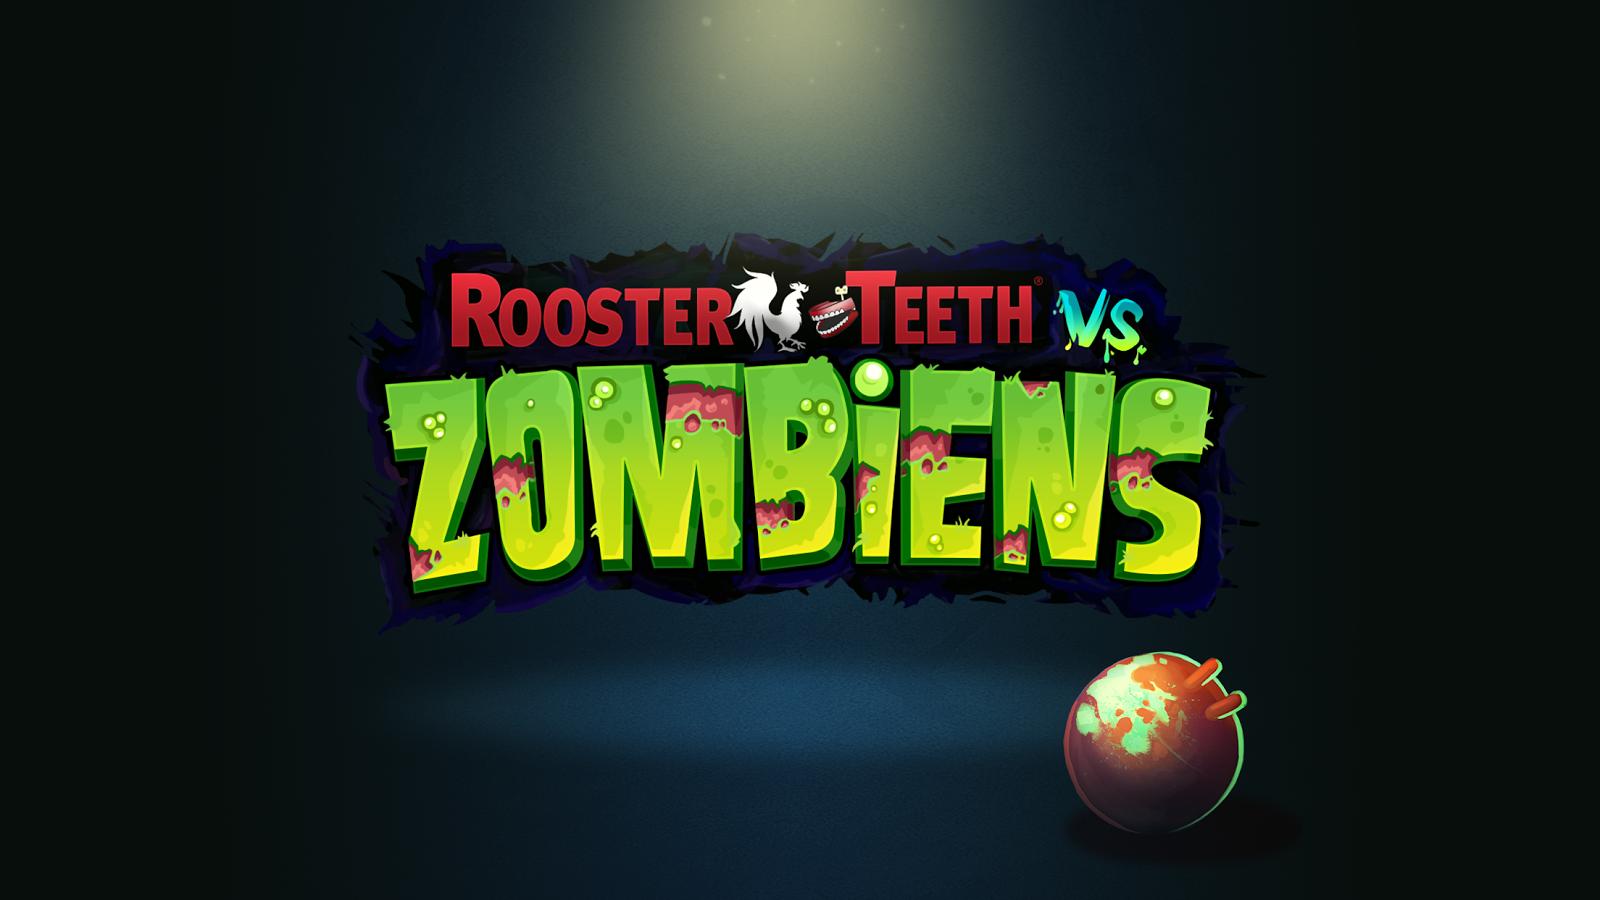 Rooster Teeth vs. Zombiens - screenshot